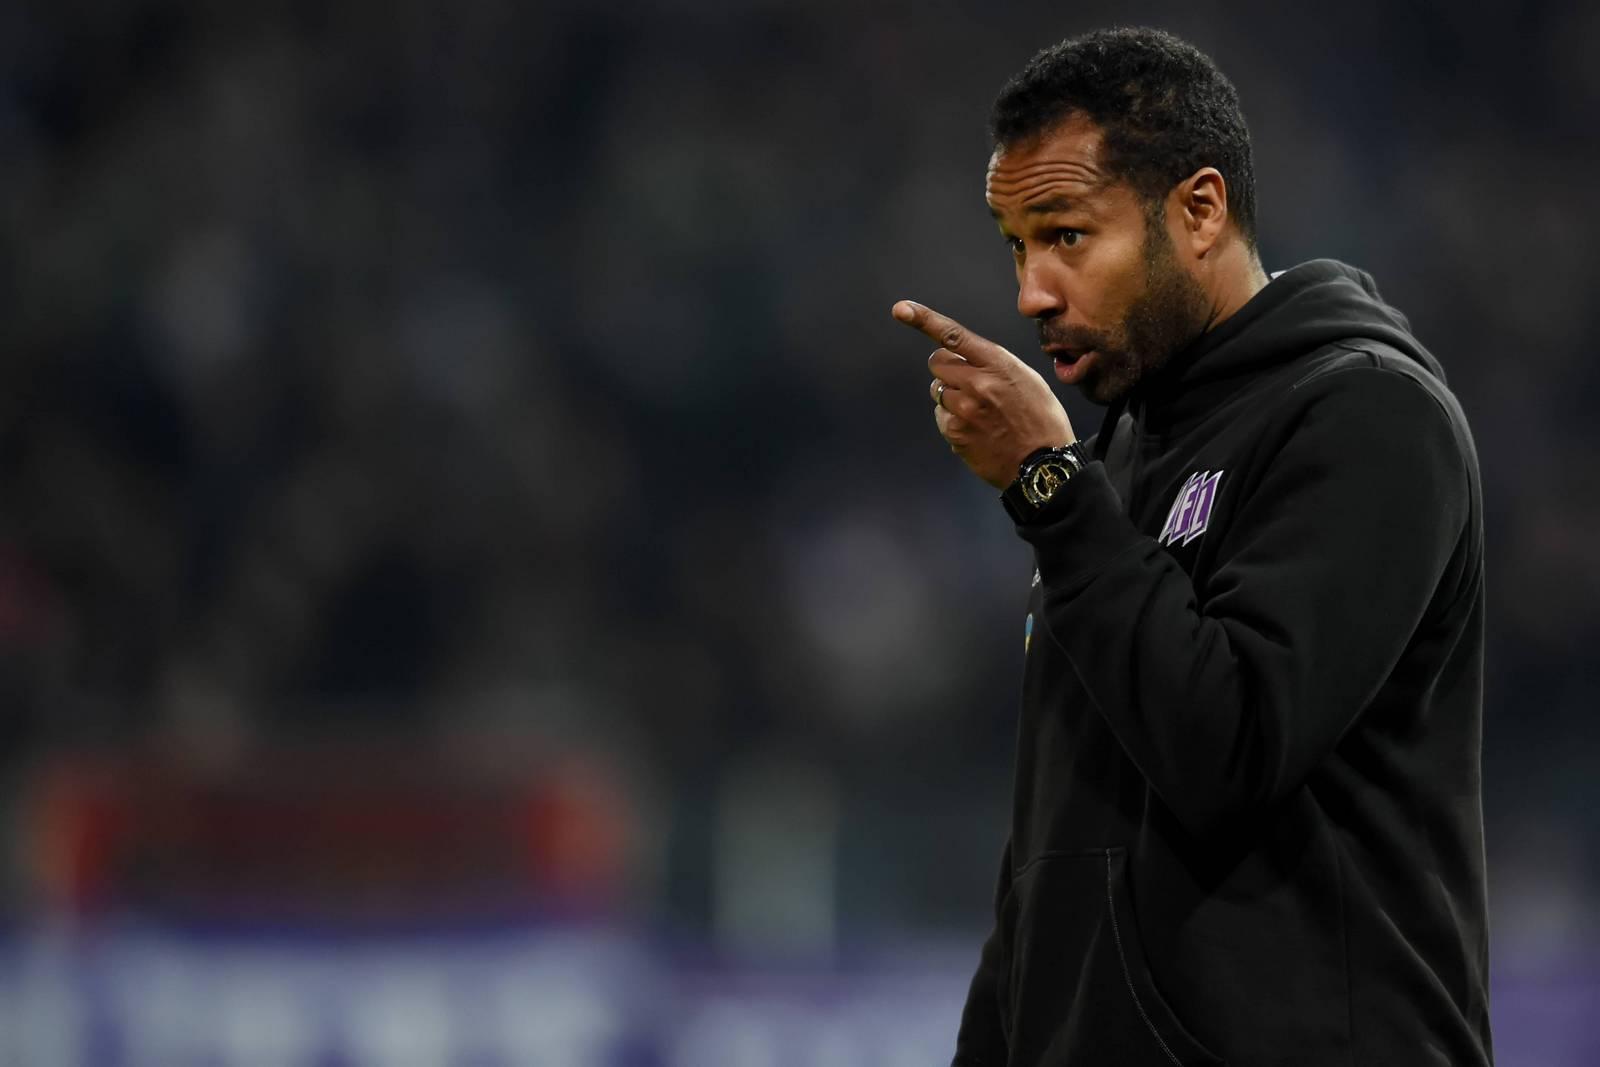 Frustriert vom verspielten Sieg: Osnabrücks Trainer Daniel Thioune